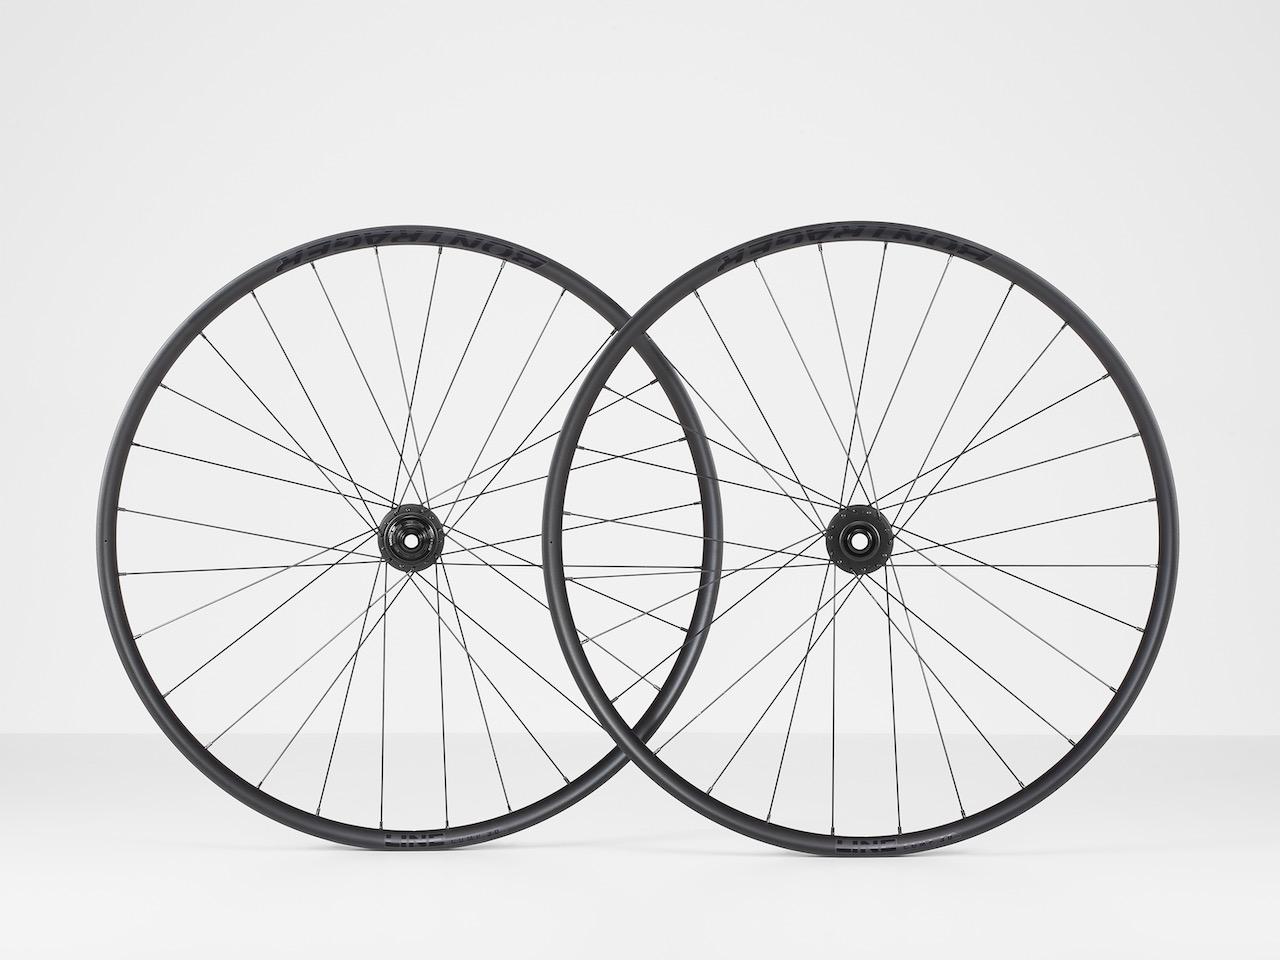 Bontrager Line Comp 30 wheelset